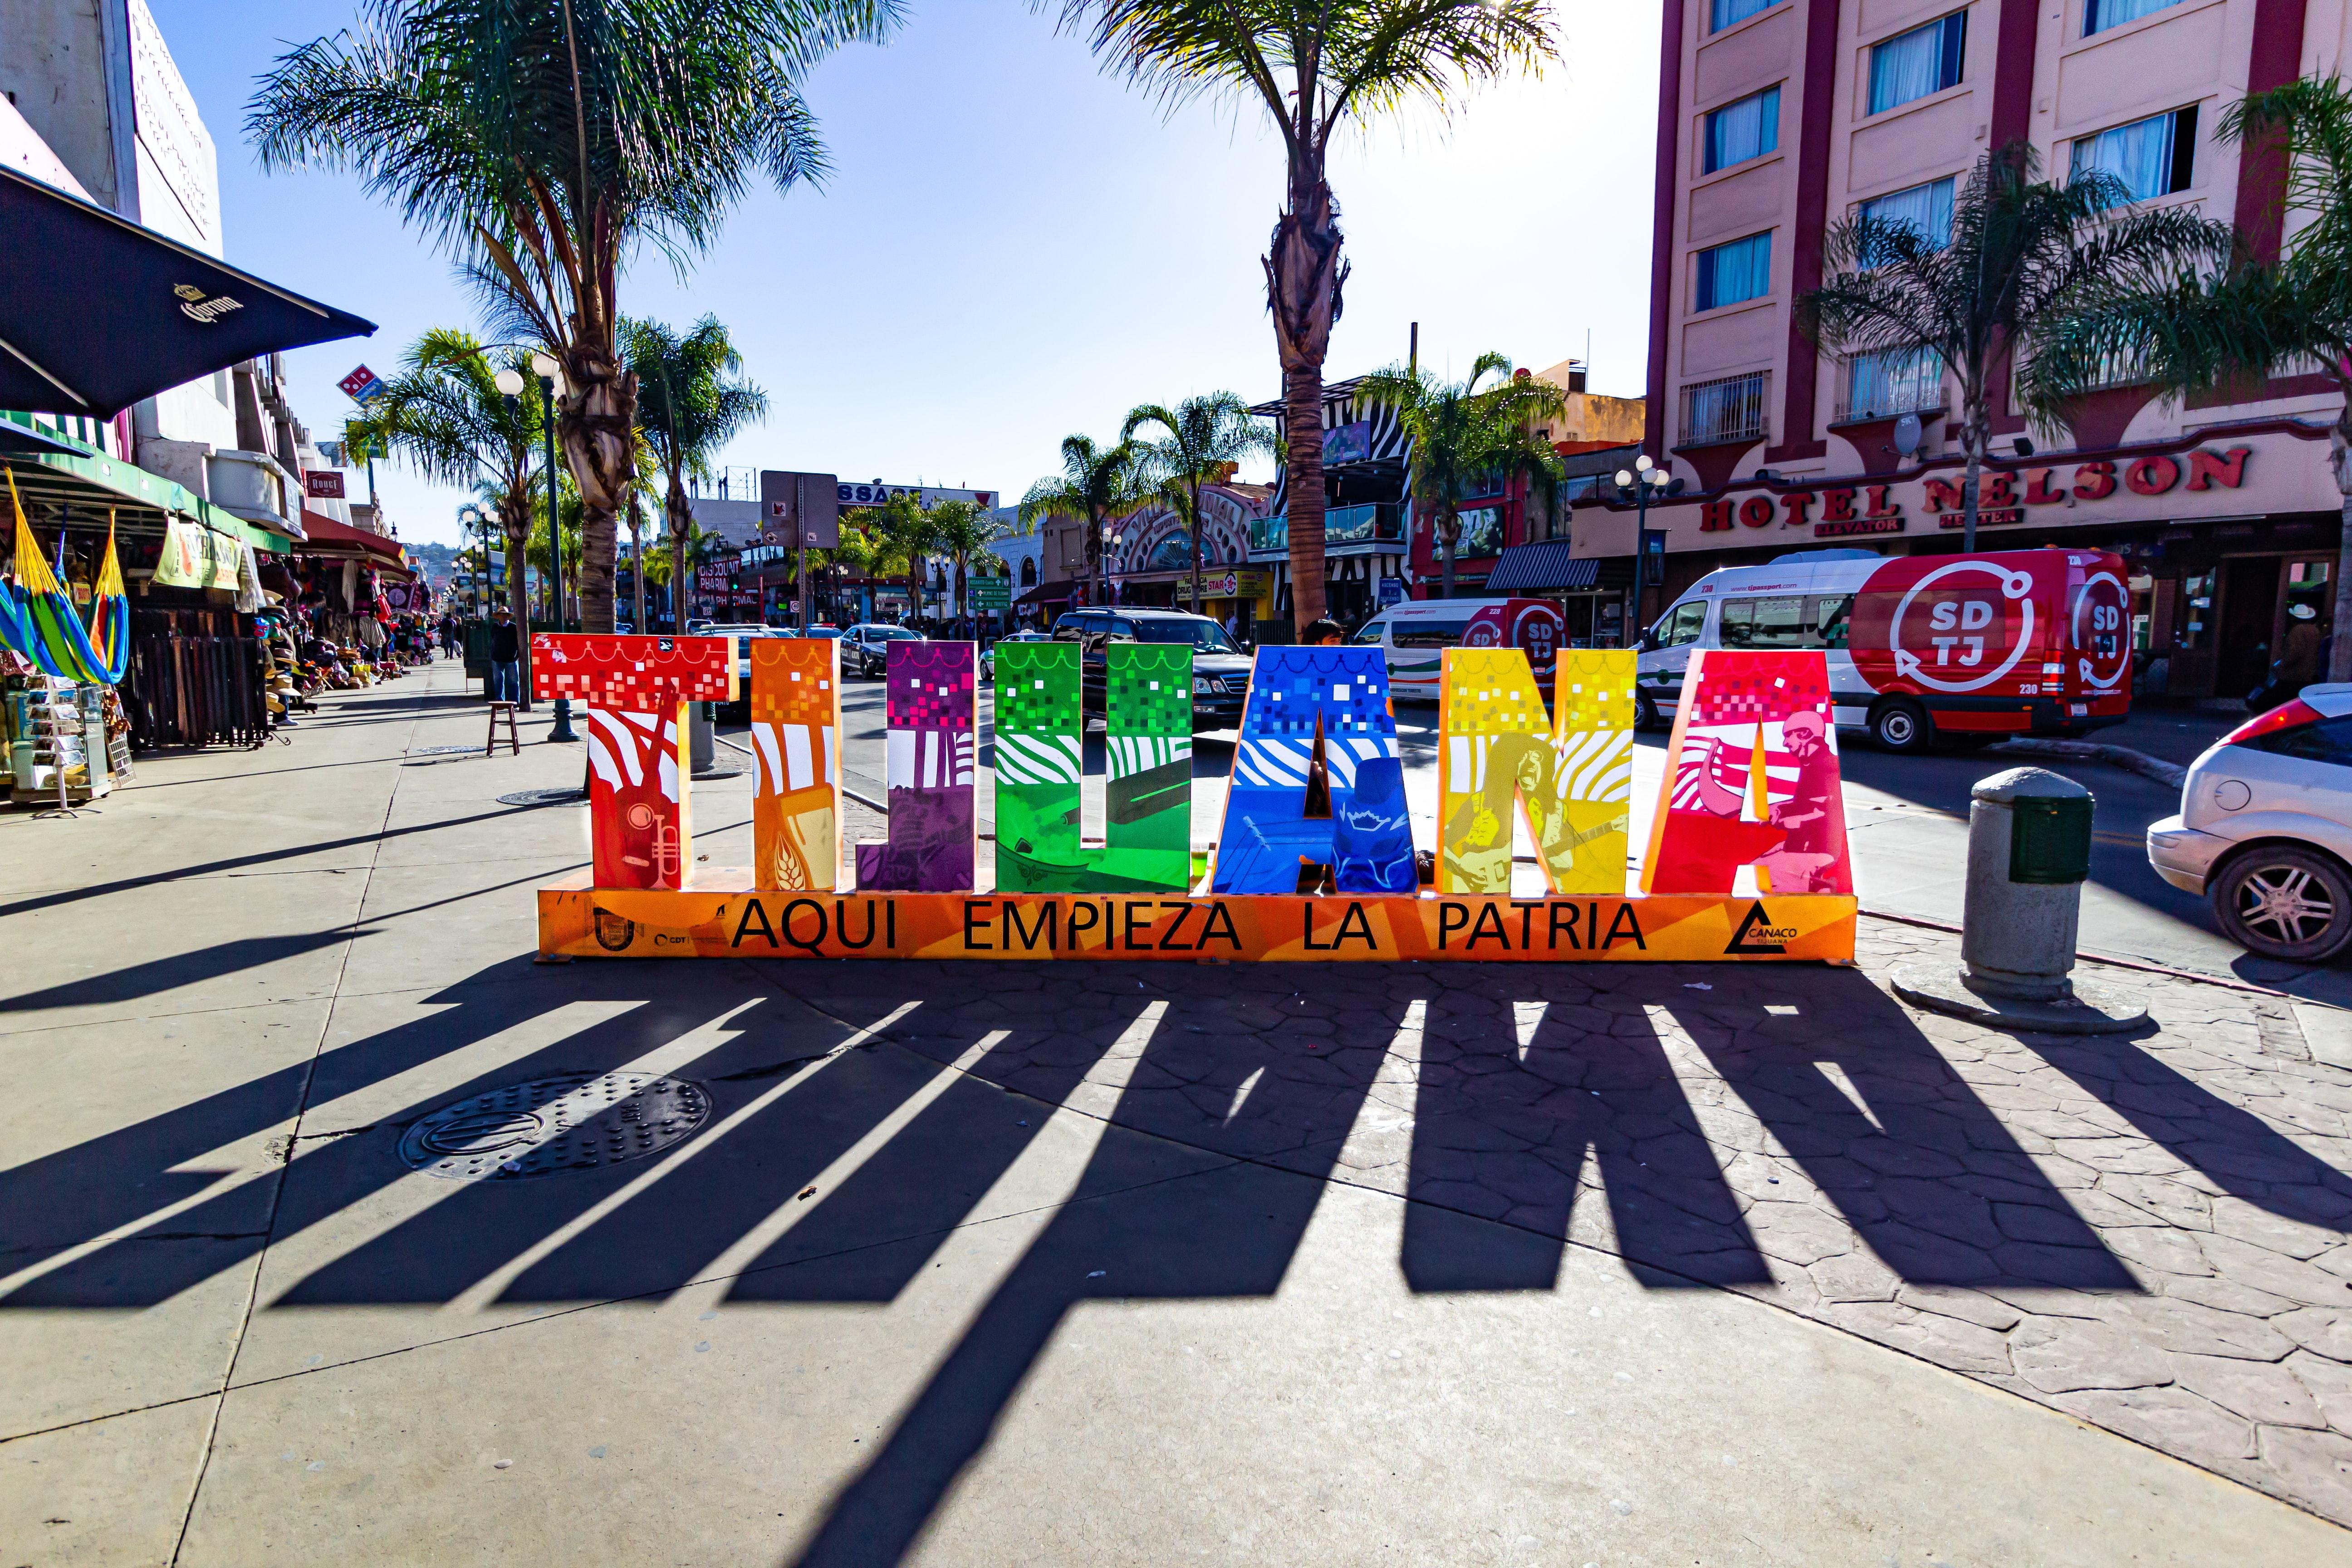 Tijuana, Baja California, Mexico